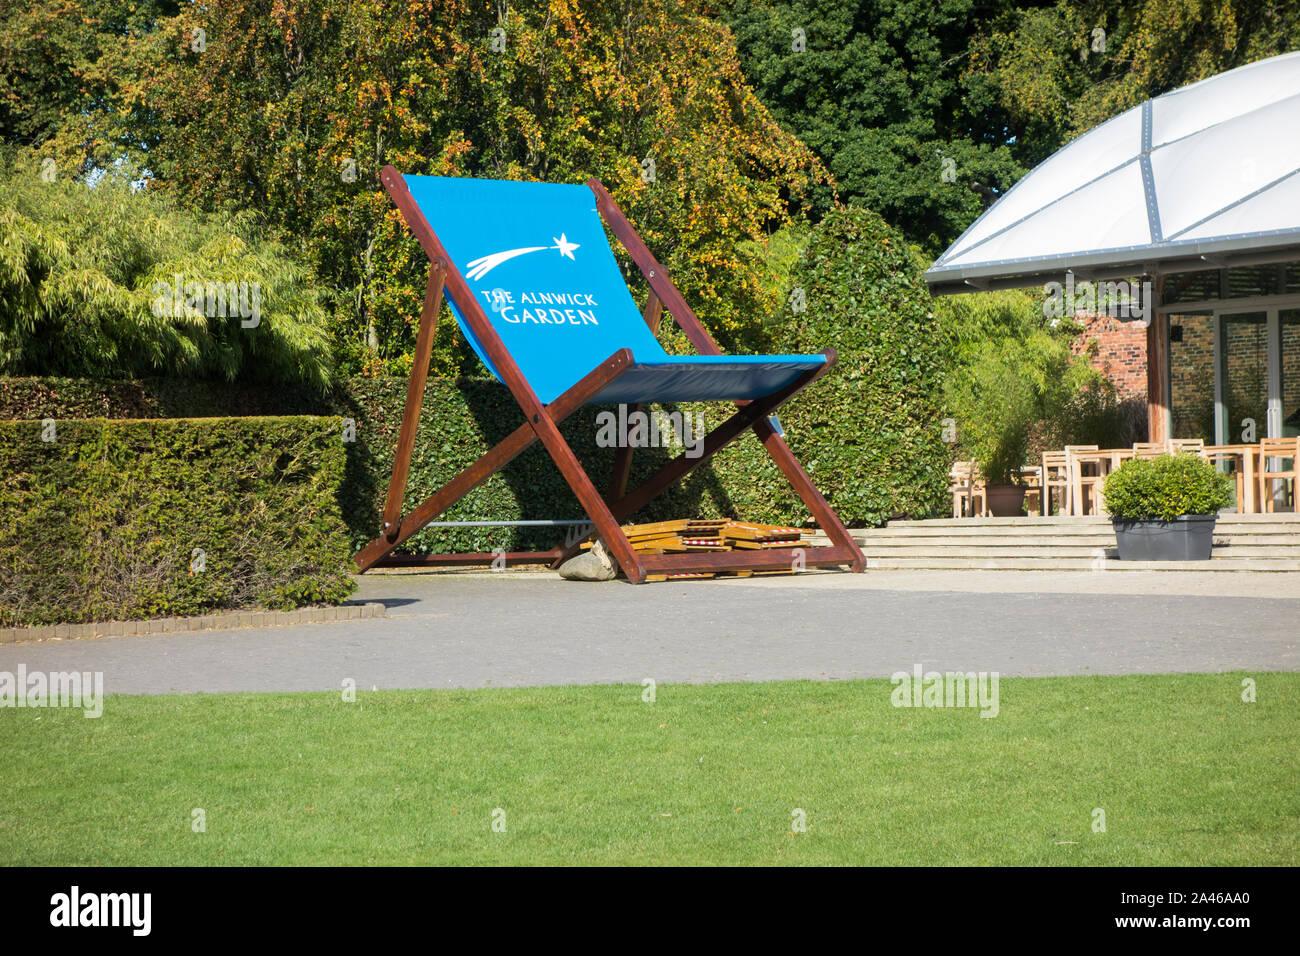 Giant Deck Chair Stockfotos und  bilder Kaufen   Alamy